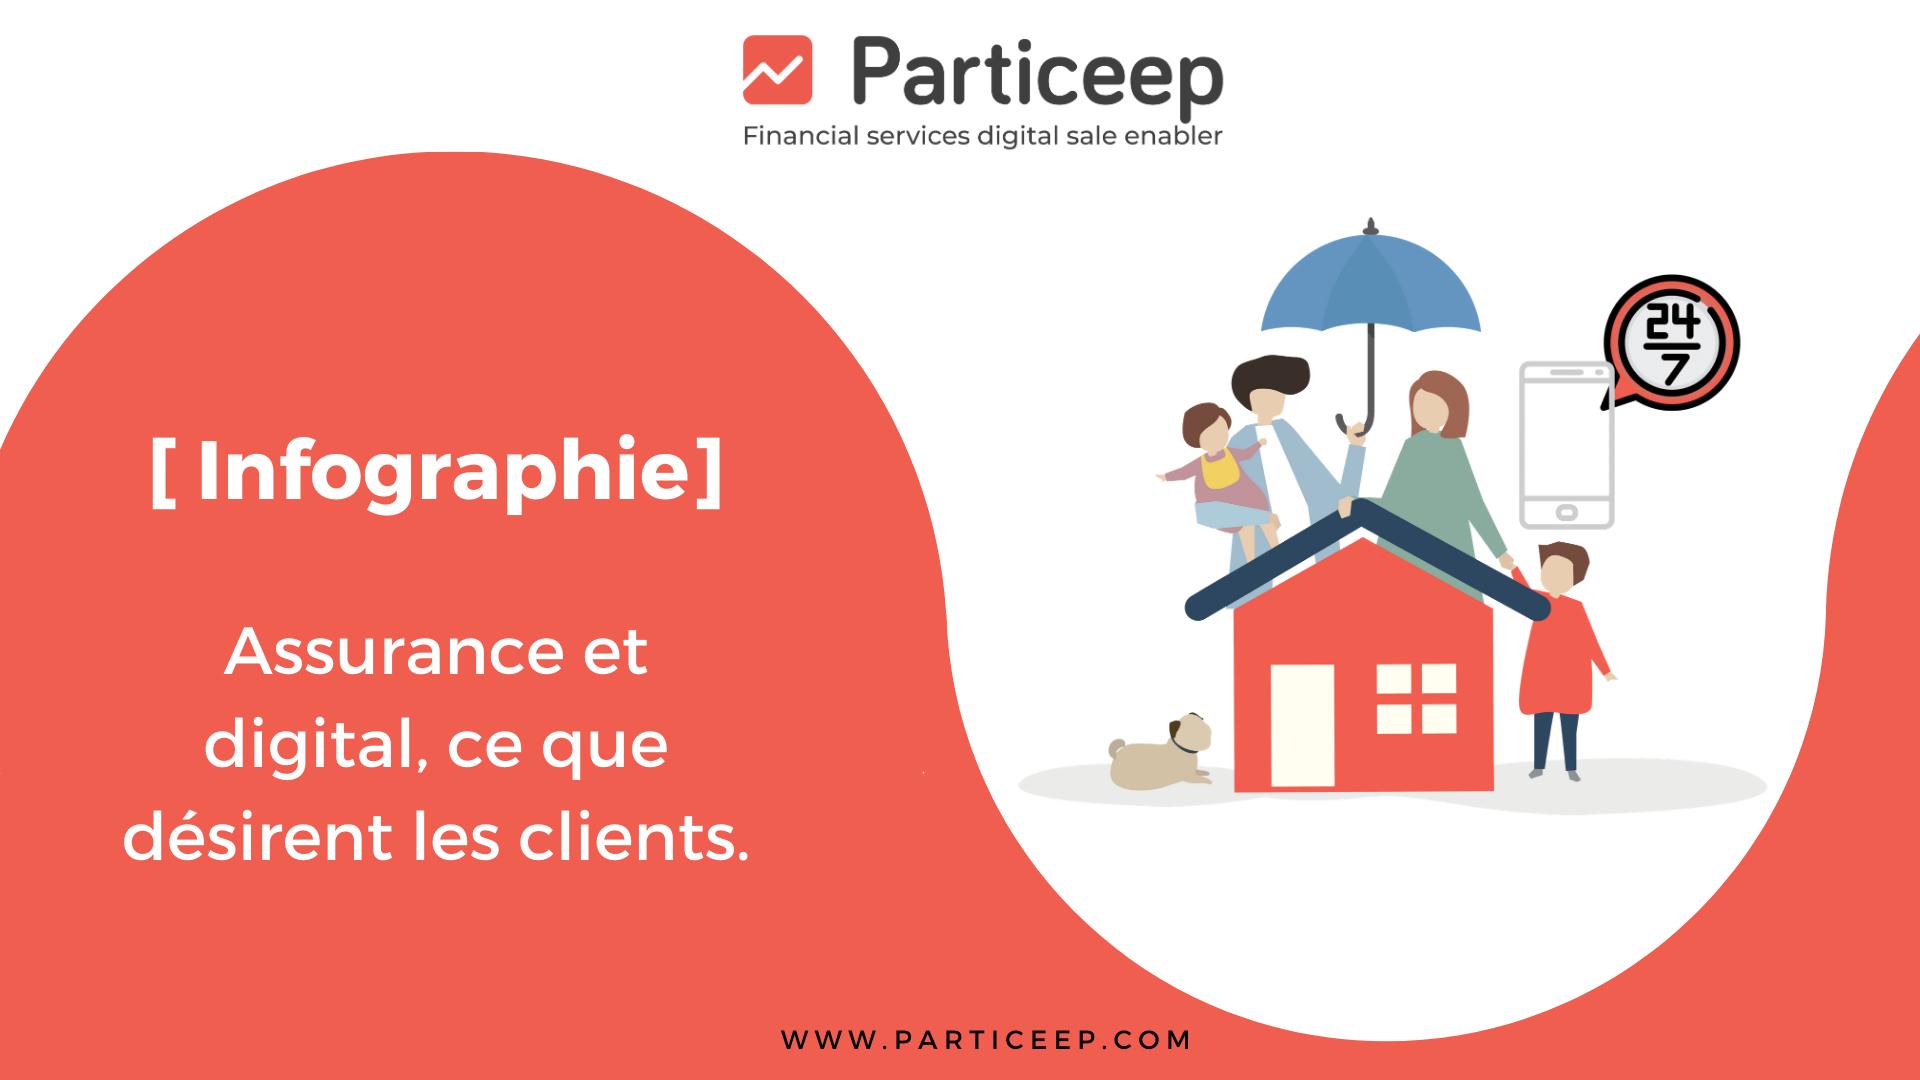 infographie-particeep-assurance-clients-digital